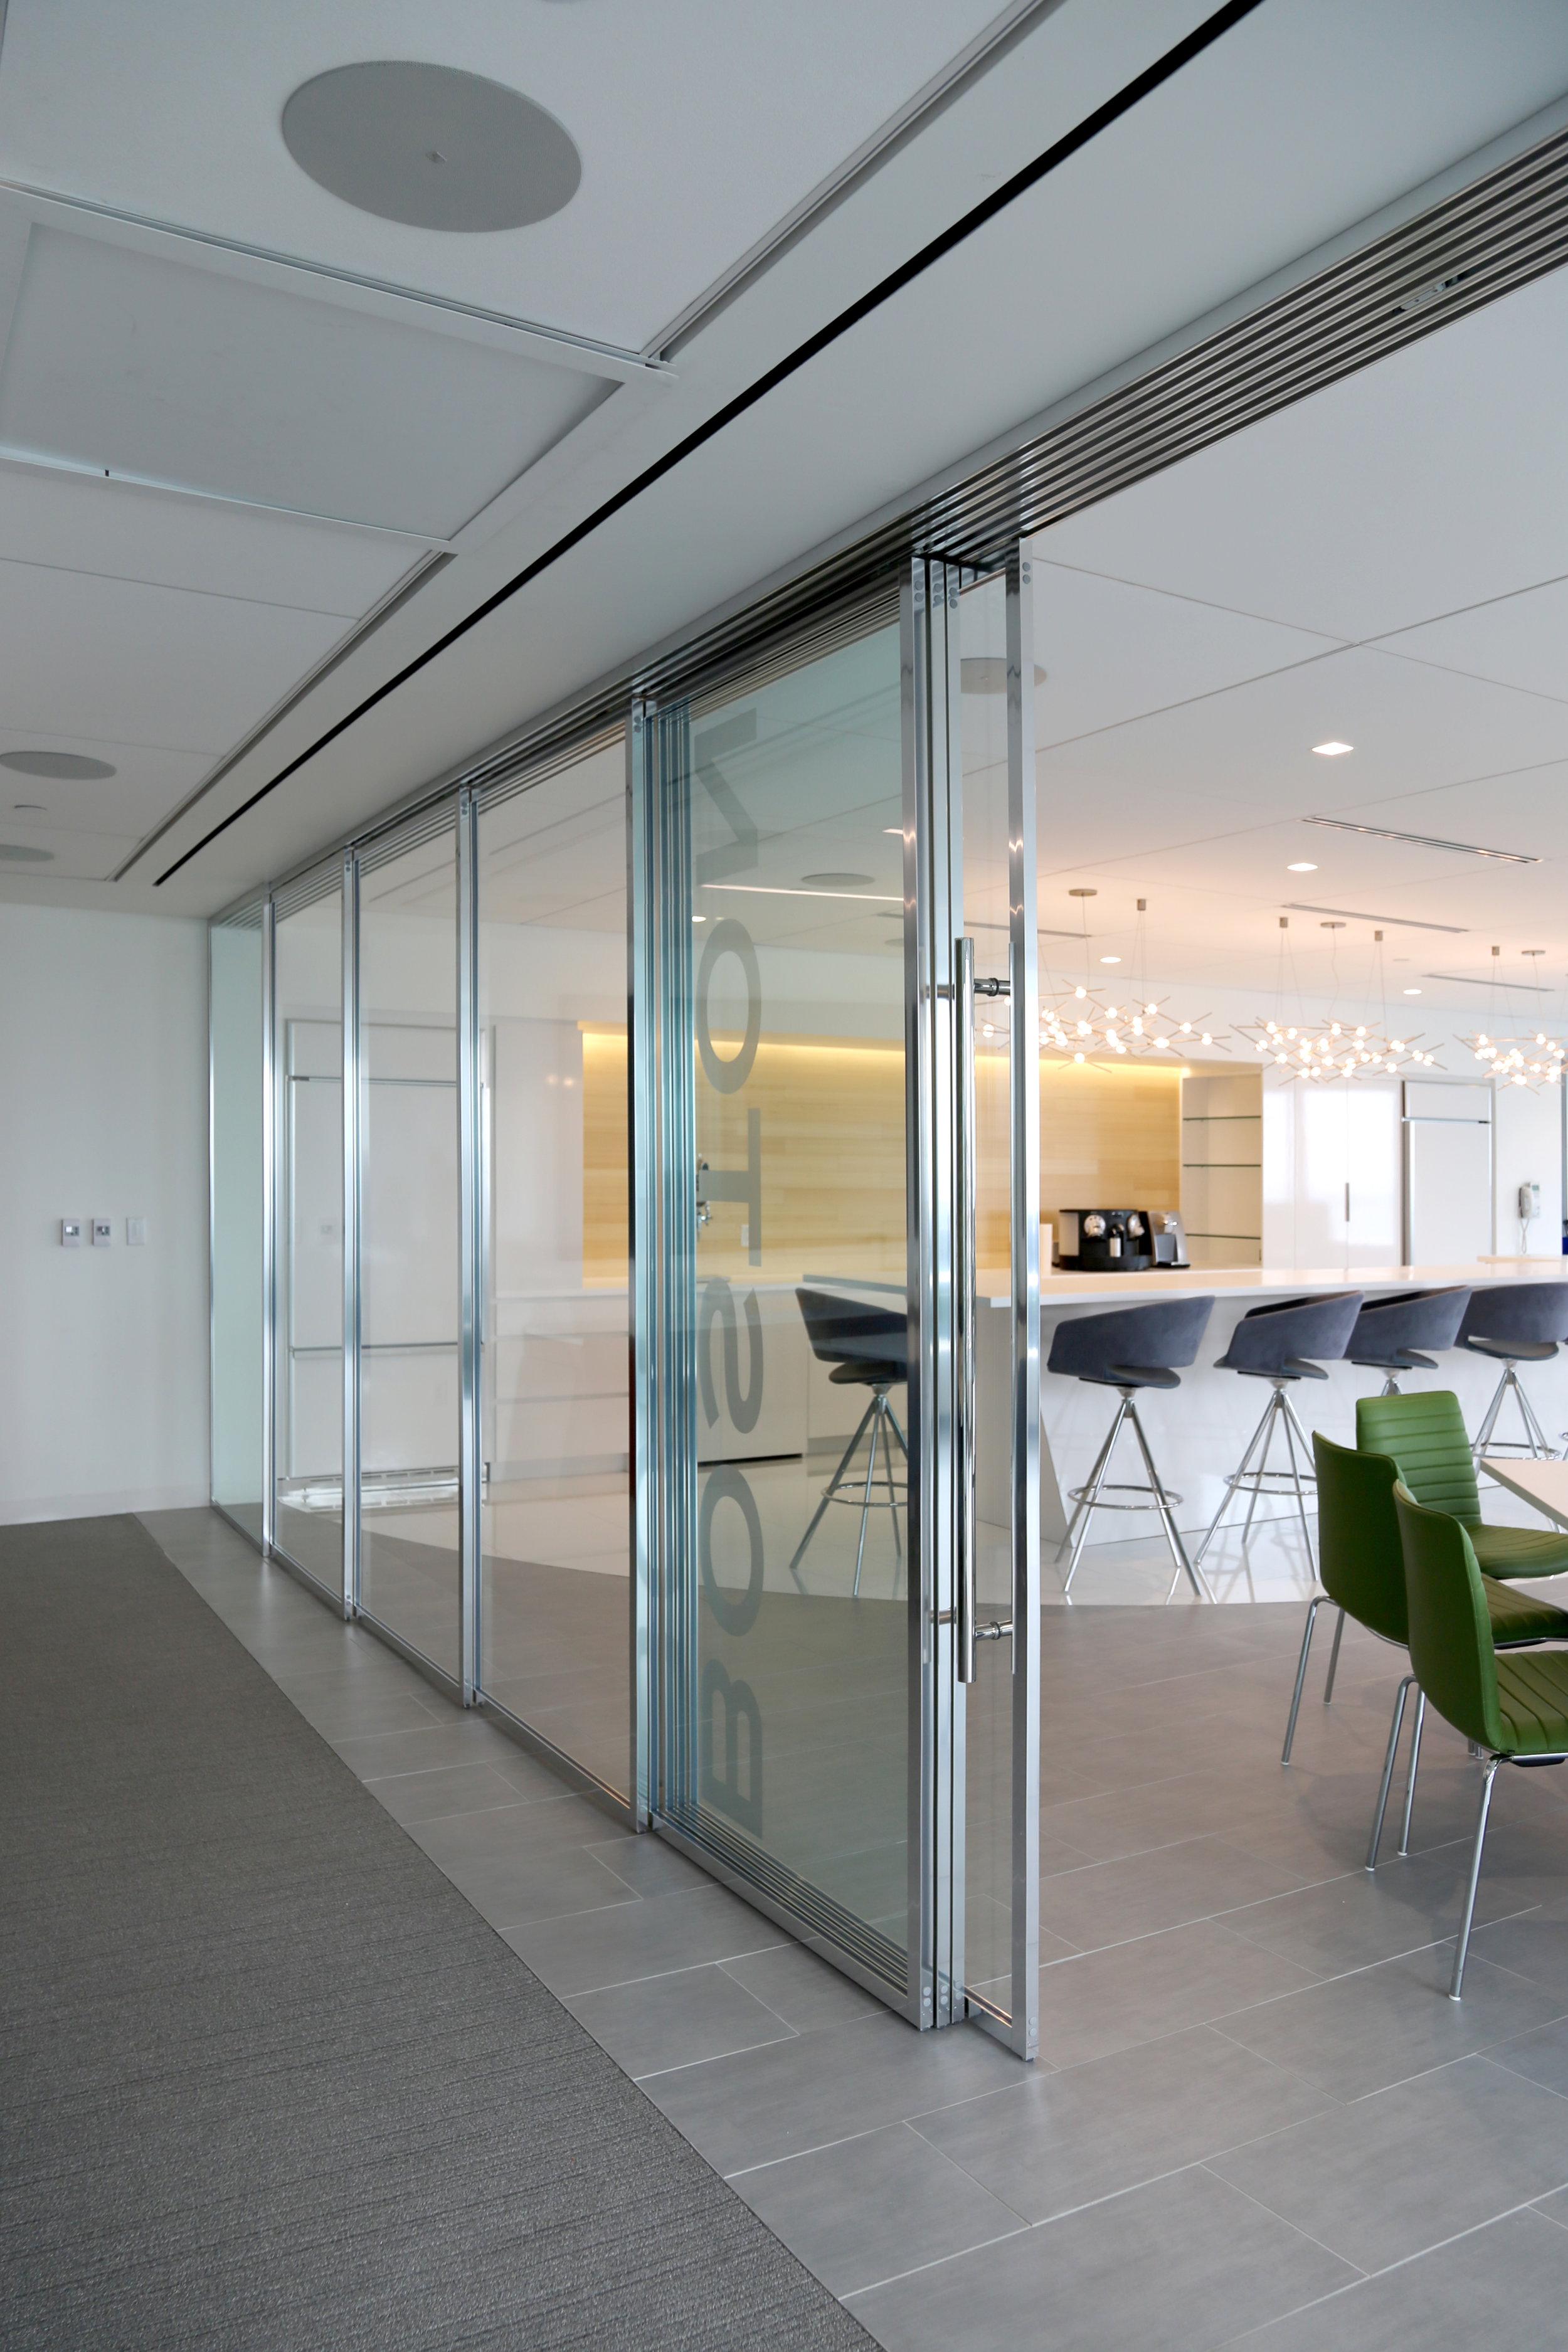 Sliding Glass Wall System Aluminum-Framed Panels - Spaceworks AI.jpg